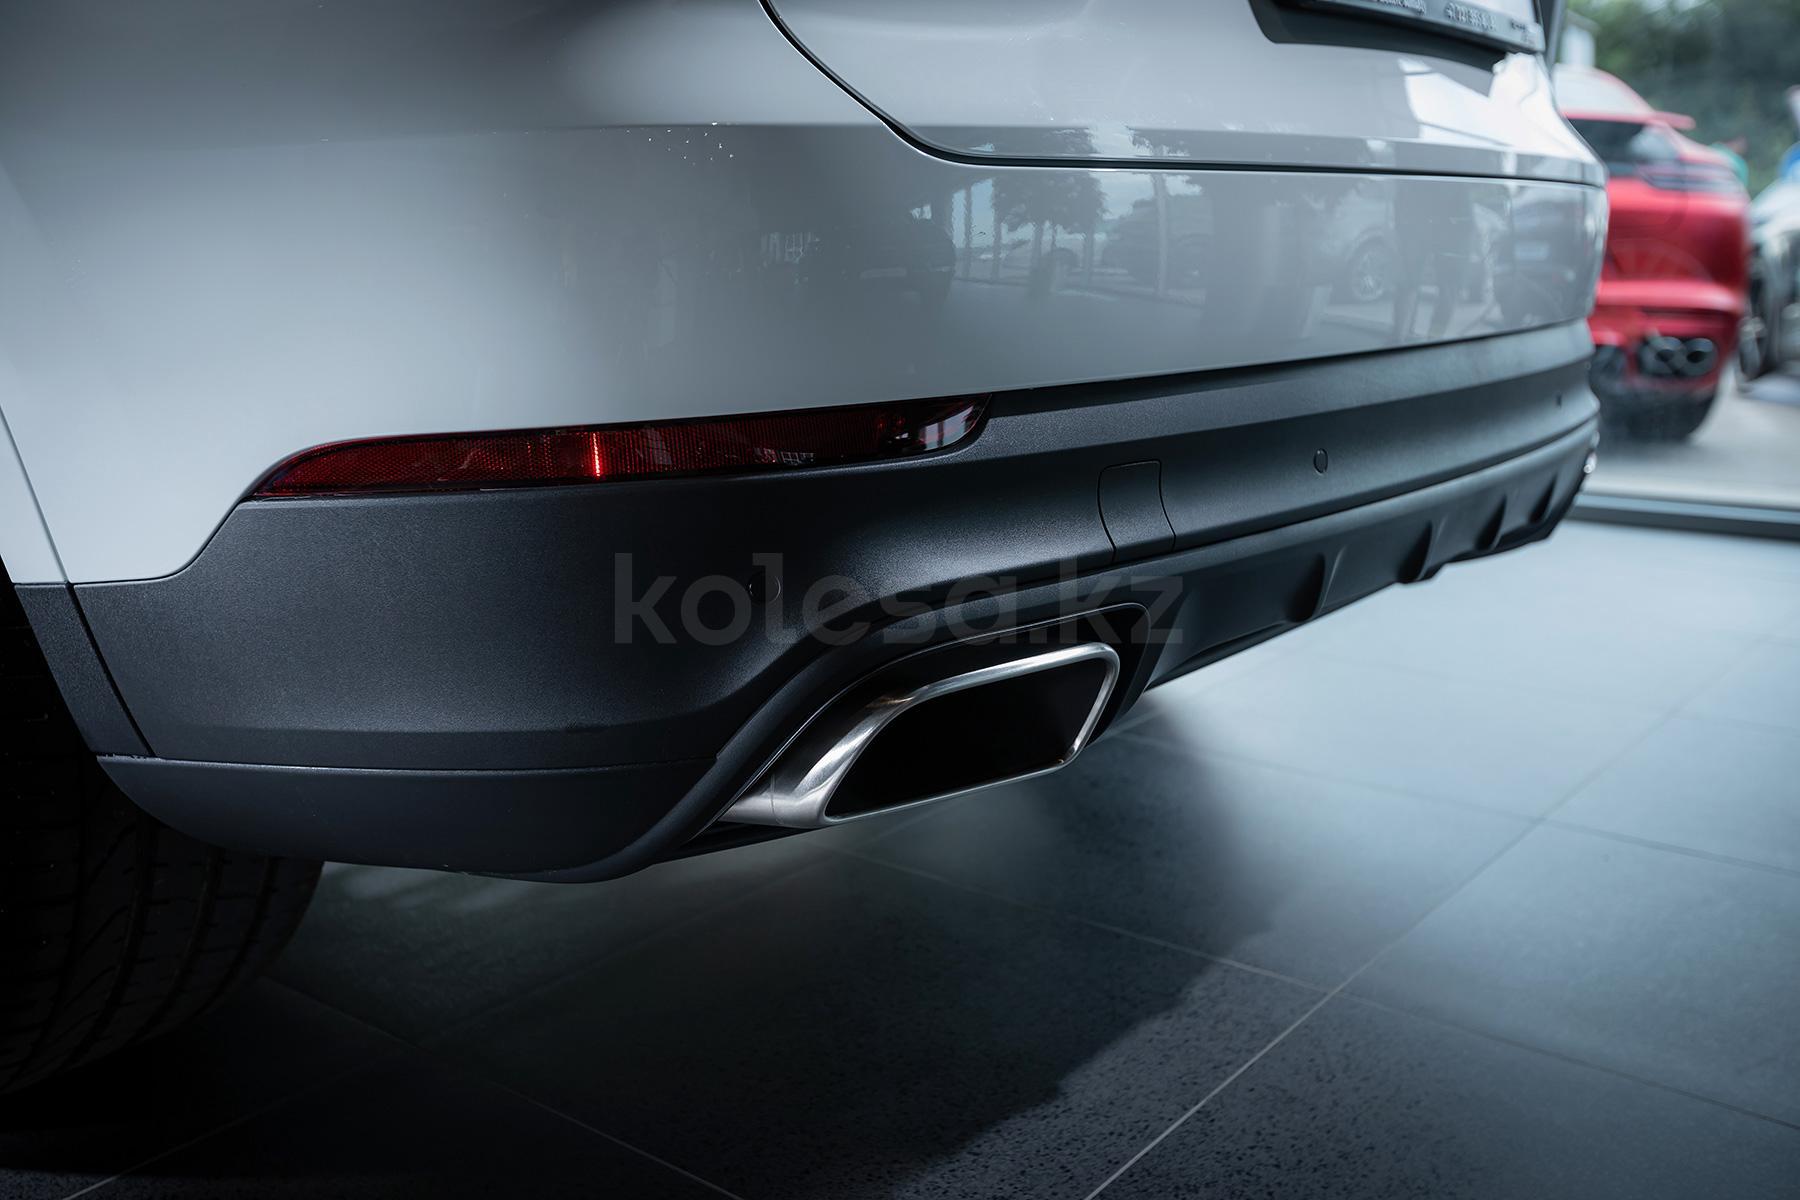 Porsche Cayenne SUV 2017 - н.в. года от 46 725 000 тенге